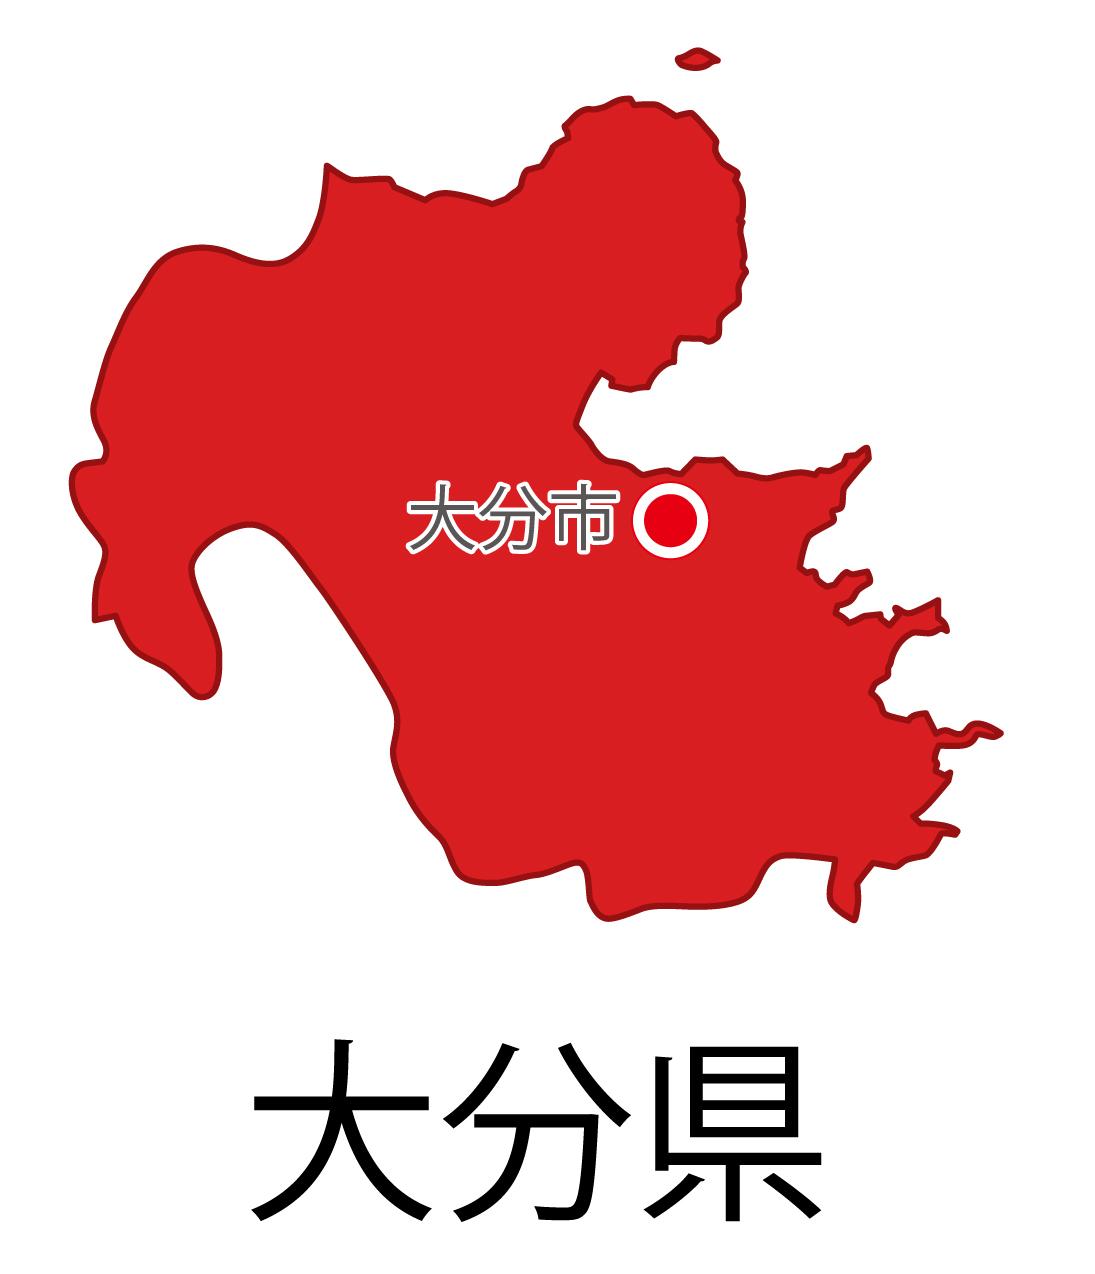 大分県無料フリーイラスト|日本語・都道府県名あり・県庁所在地あり(赤)